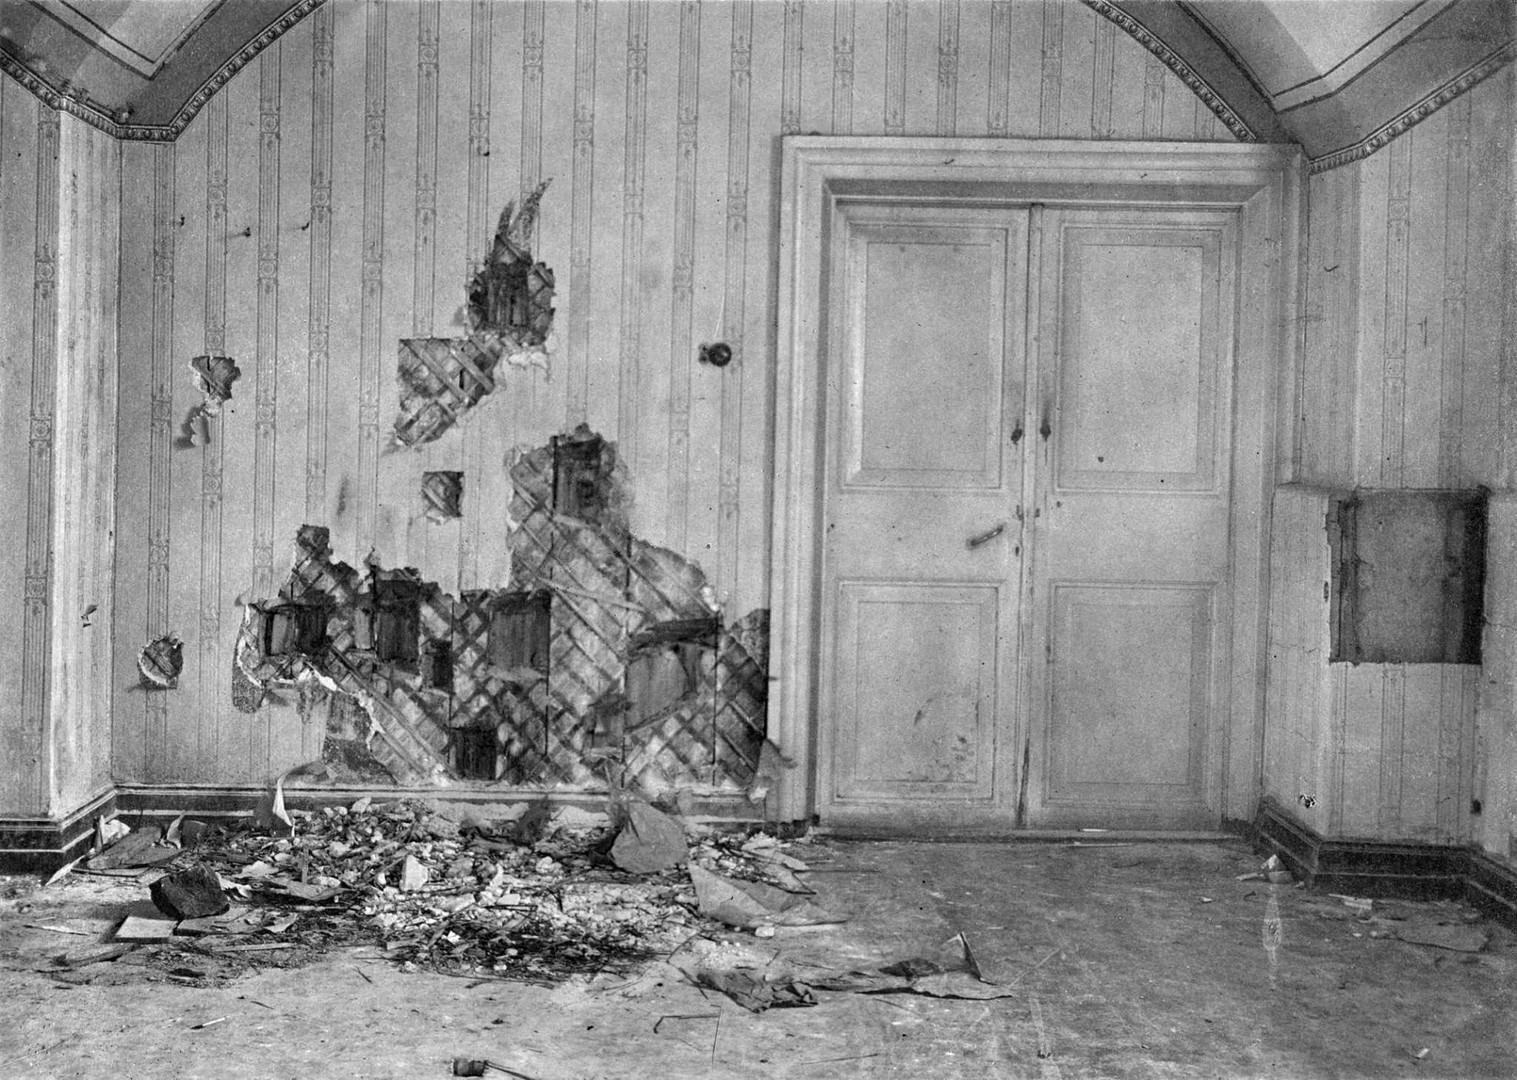 Ruangan di Rumah Ipatiyev di Yekaterinburg, tempat di mana Keluarga Kekaisaran Rusia dibunuh pada 1918.